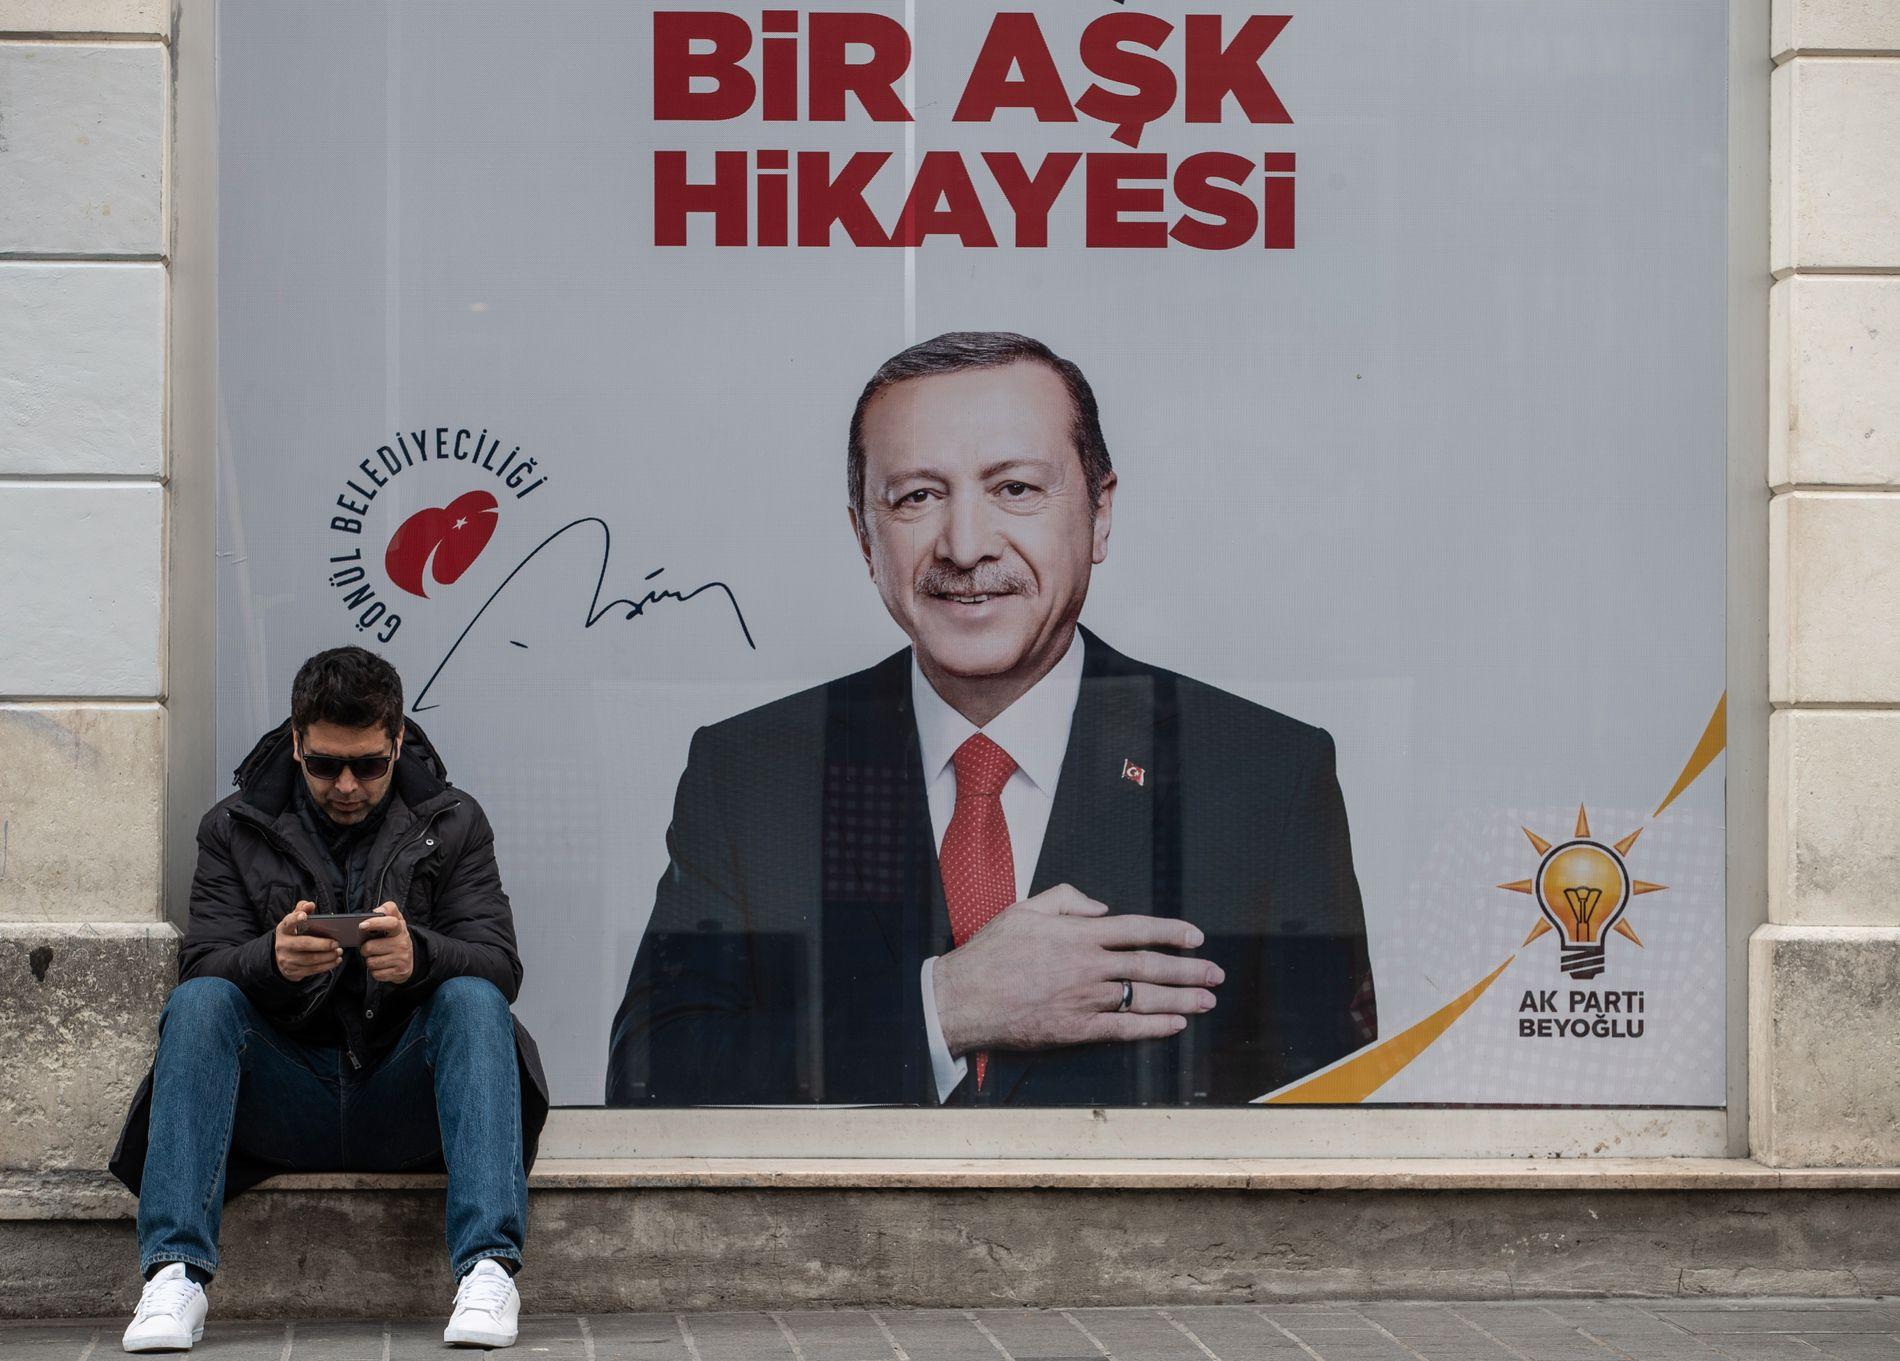 BYEN I HANS HJERTE: President Erdogan hev seg fullt og helt inn i lokalvalgkampen. Her erklærer han sin kjærlighet for Istanbul på en plakat hengt opp i distriktet Beyoglu. Bydelen Kasimpasa, der Erdogan selv vokste opp, er del av dette distriktet.